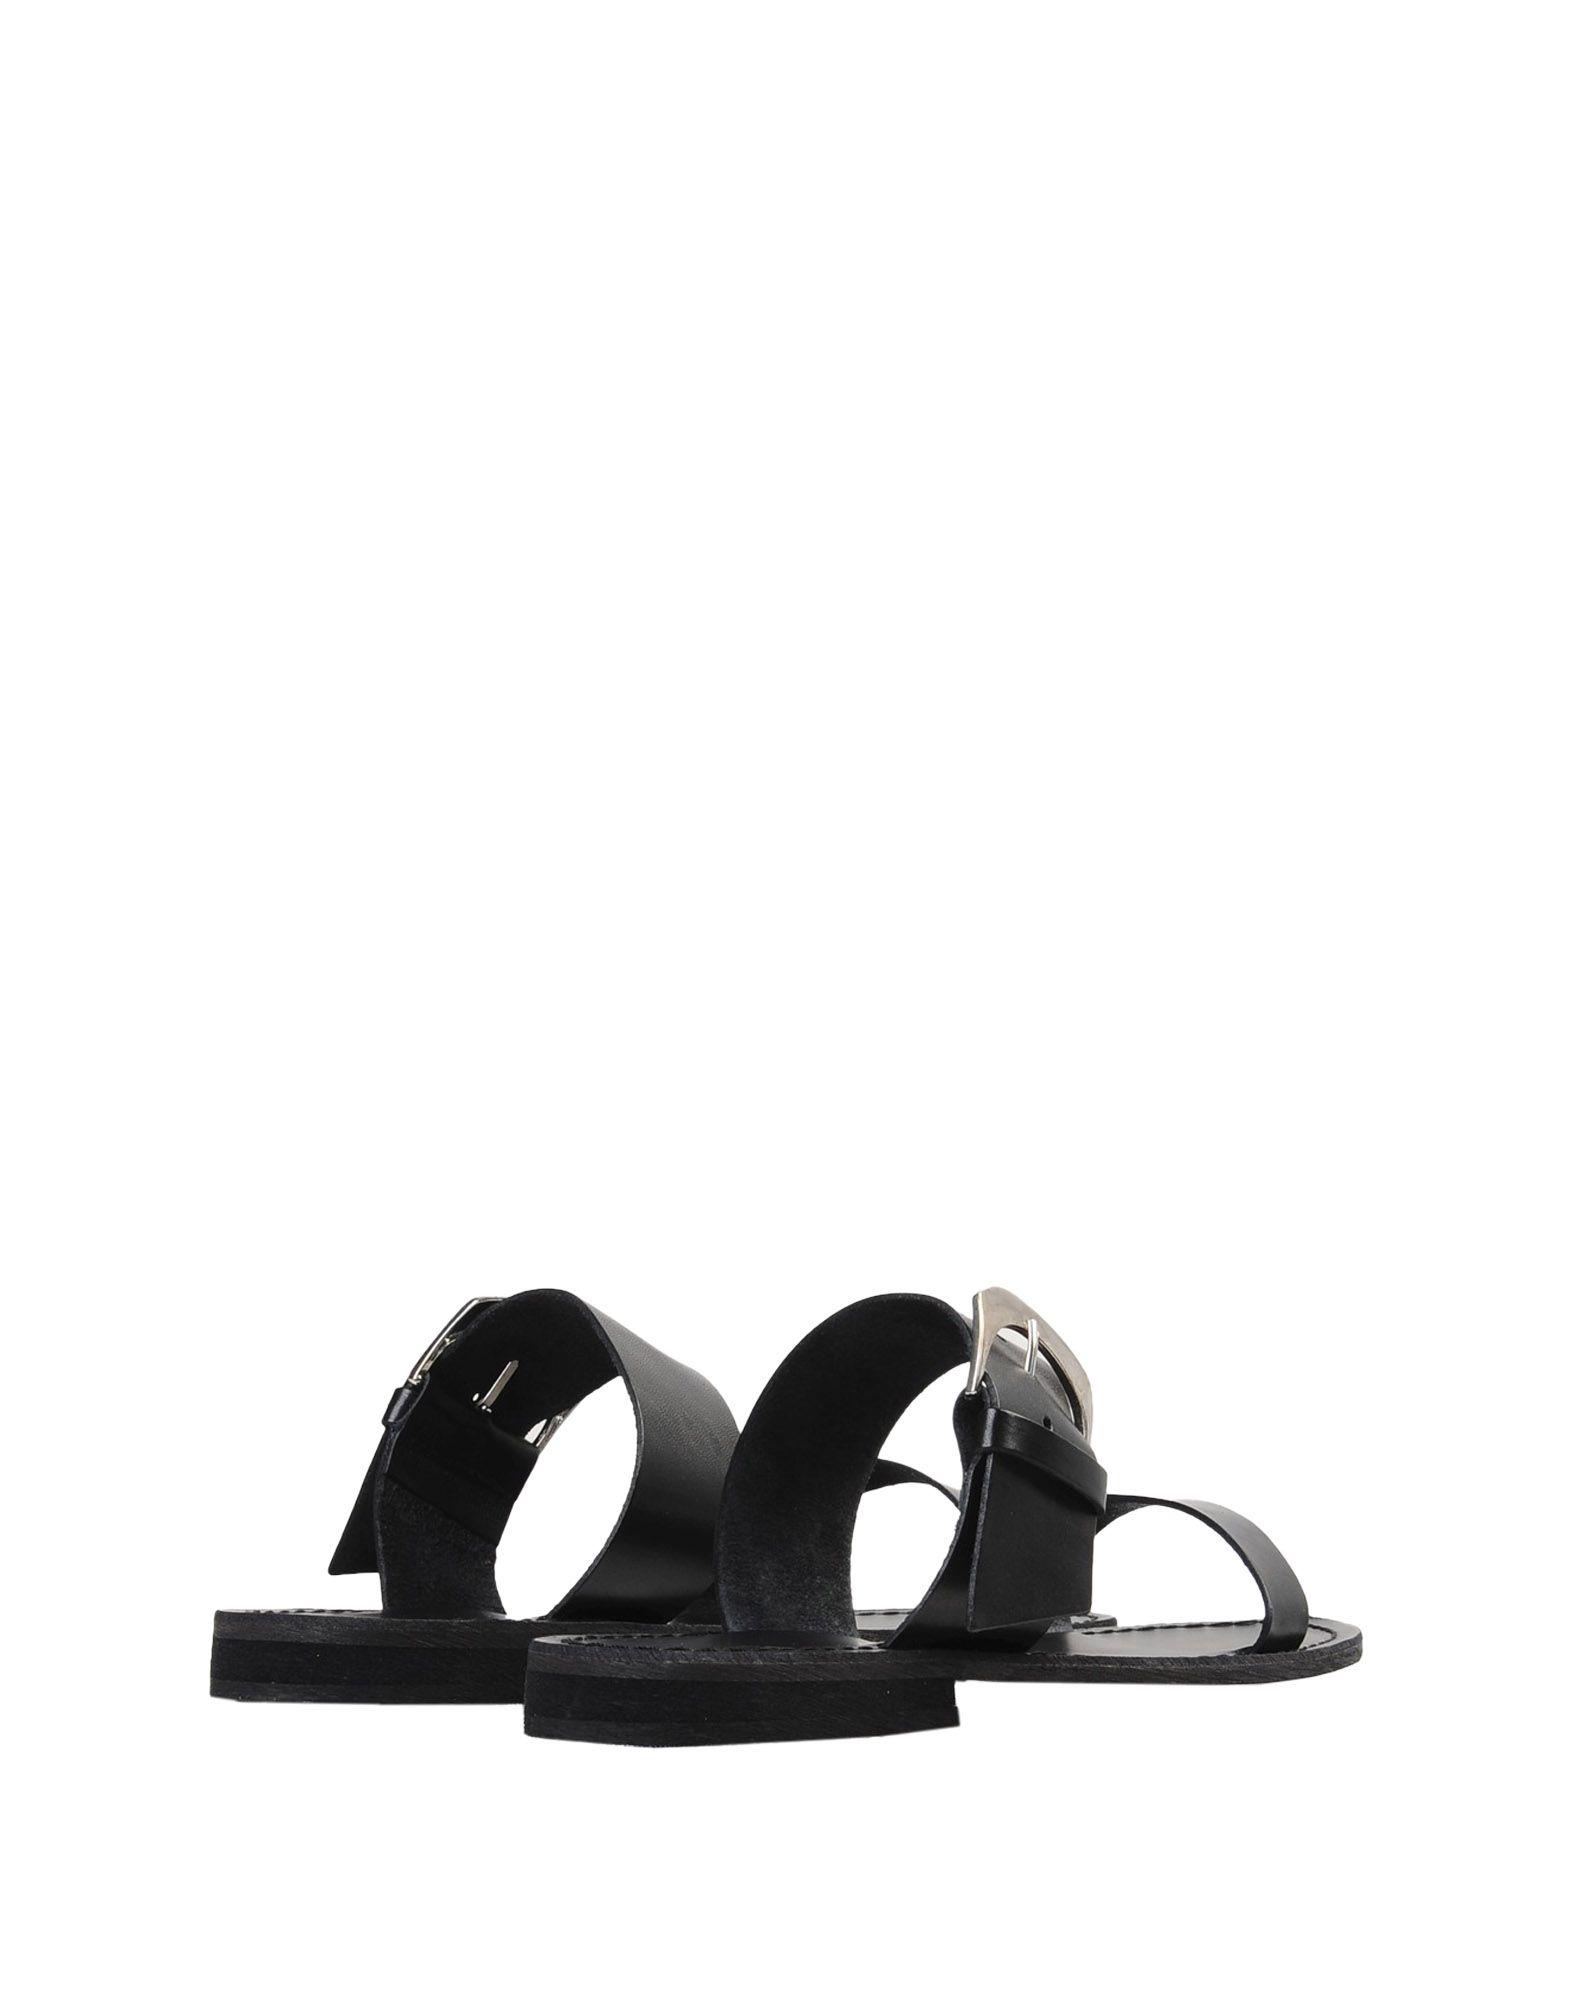 8 Sandalen Damen Schuhe  11466631CN Heiße Schuhe Damen 727a93